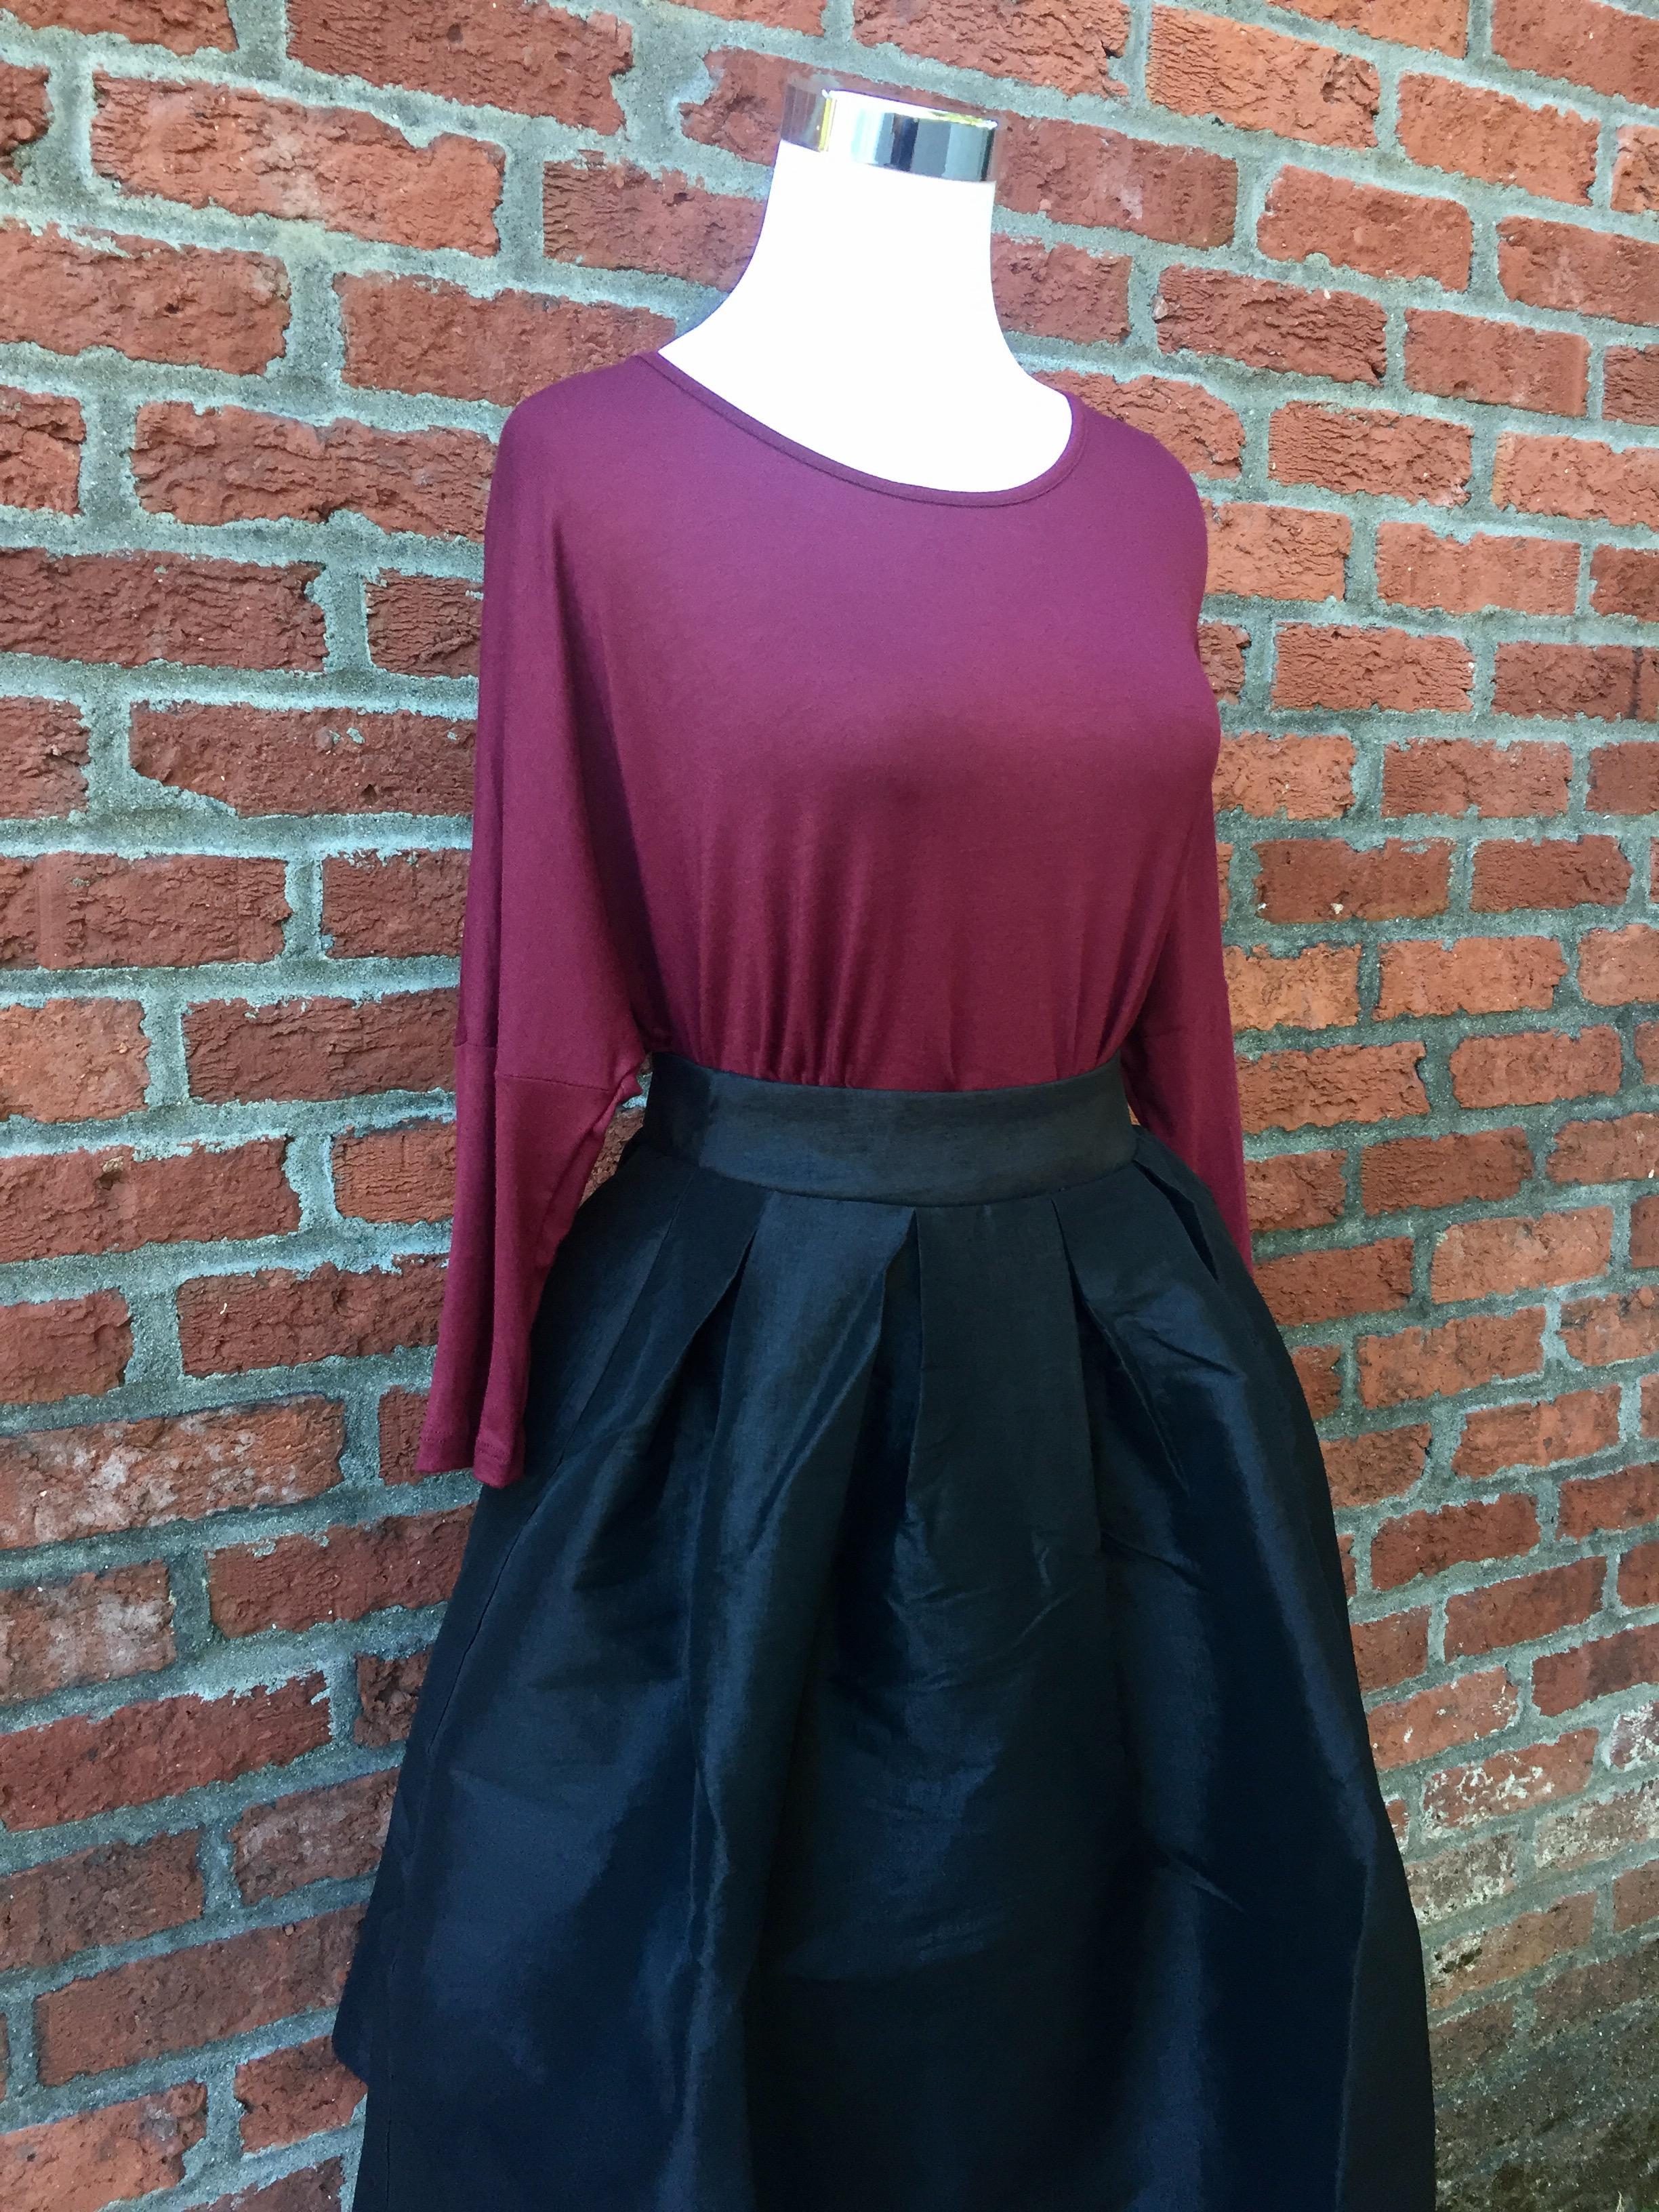 Black Skirt ($35)